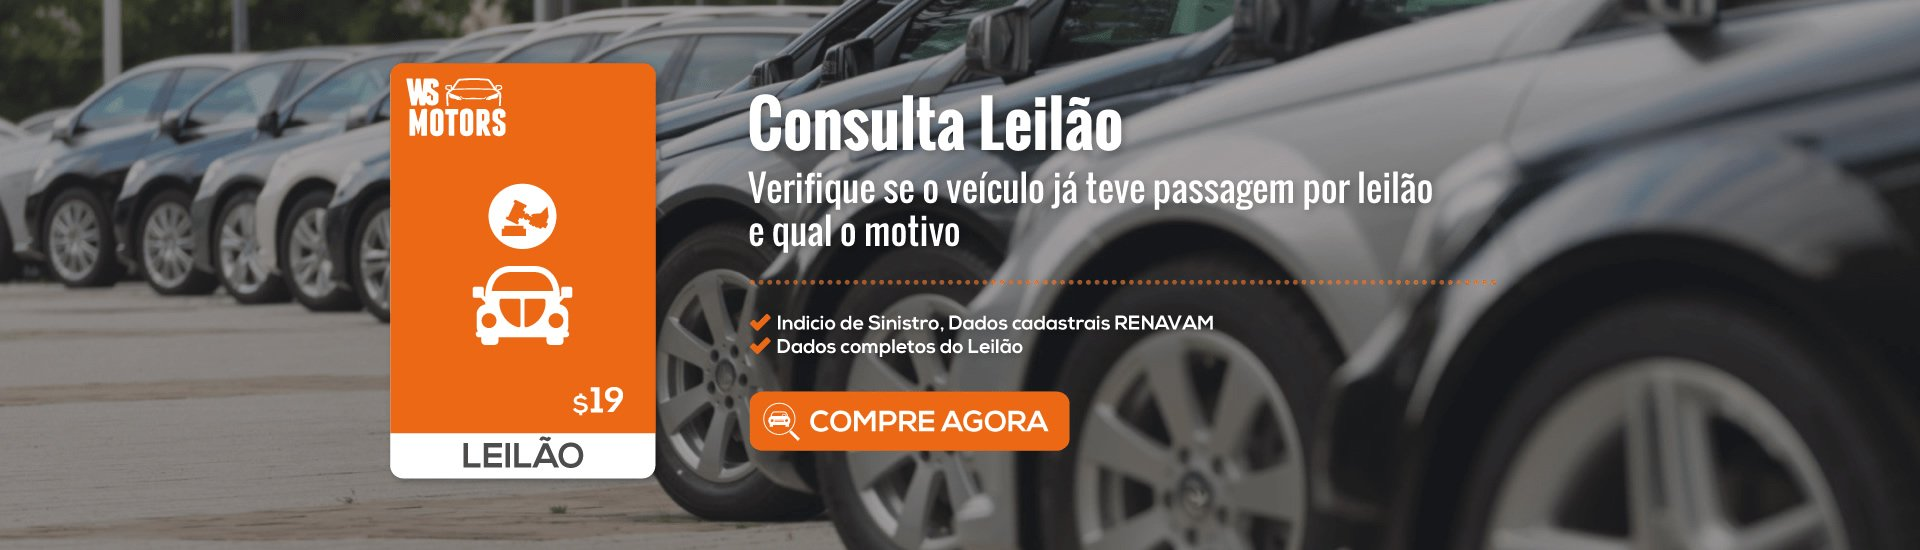 Consulta Leilão